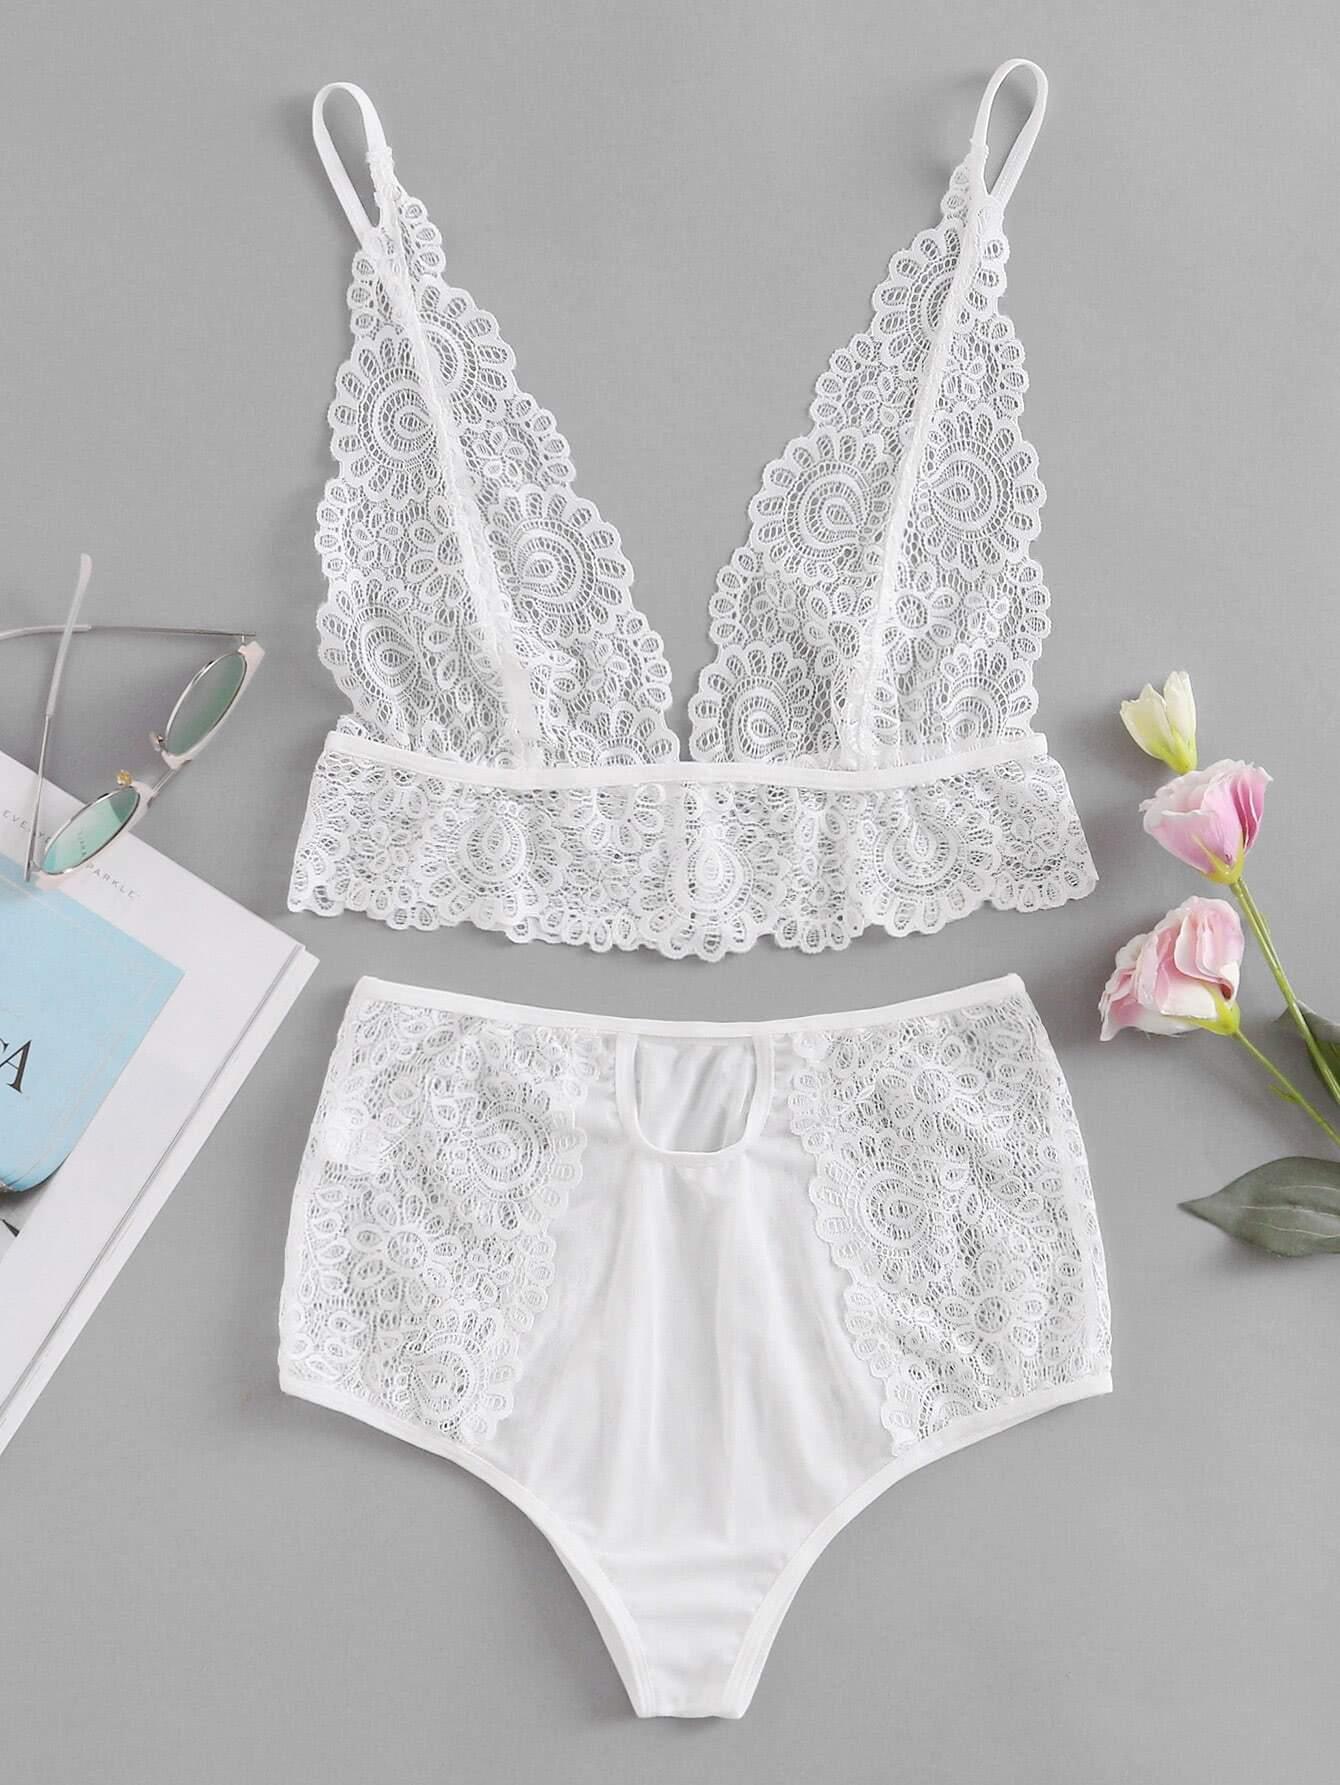 Hollow Out Lace Lingerie Set lingerie170810330